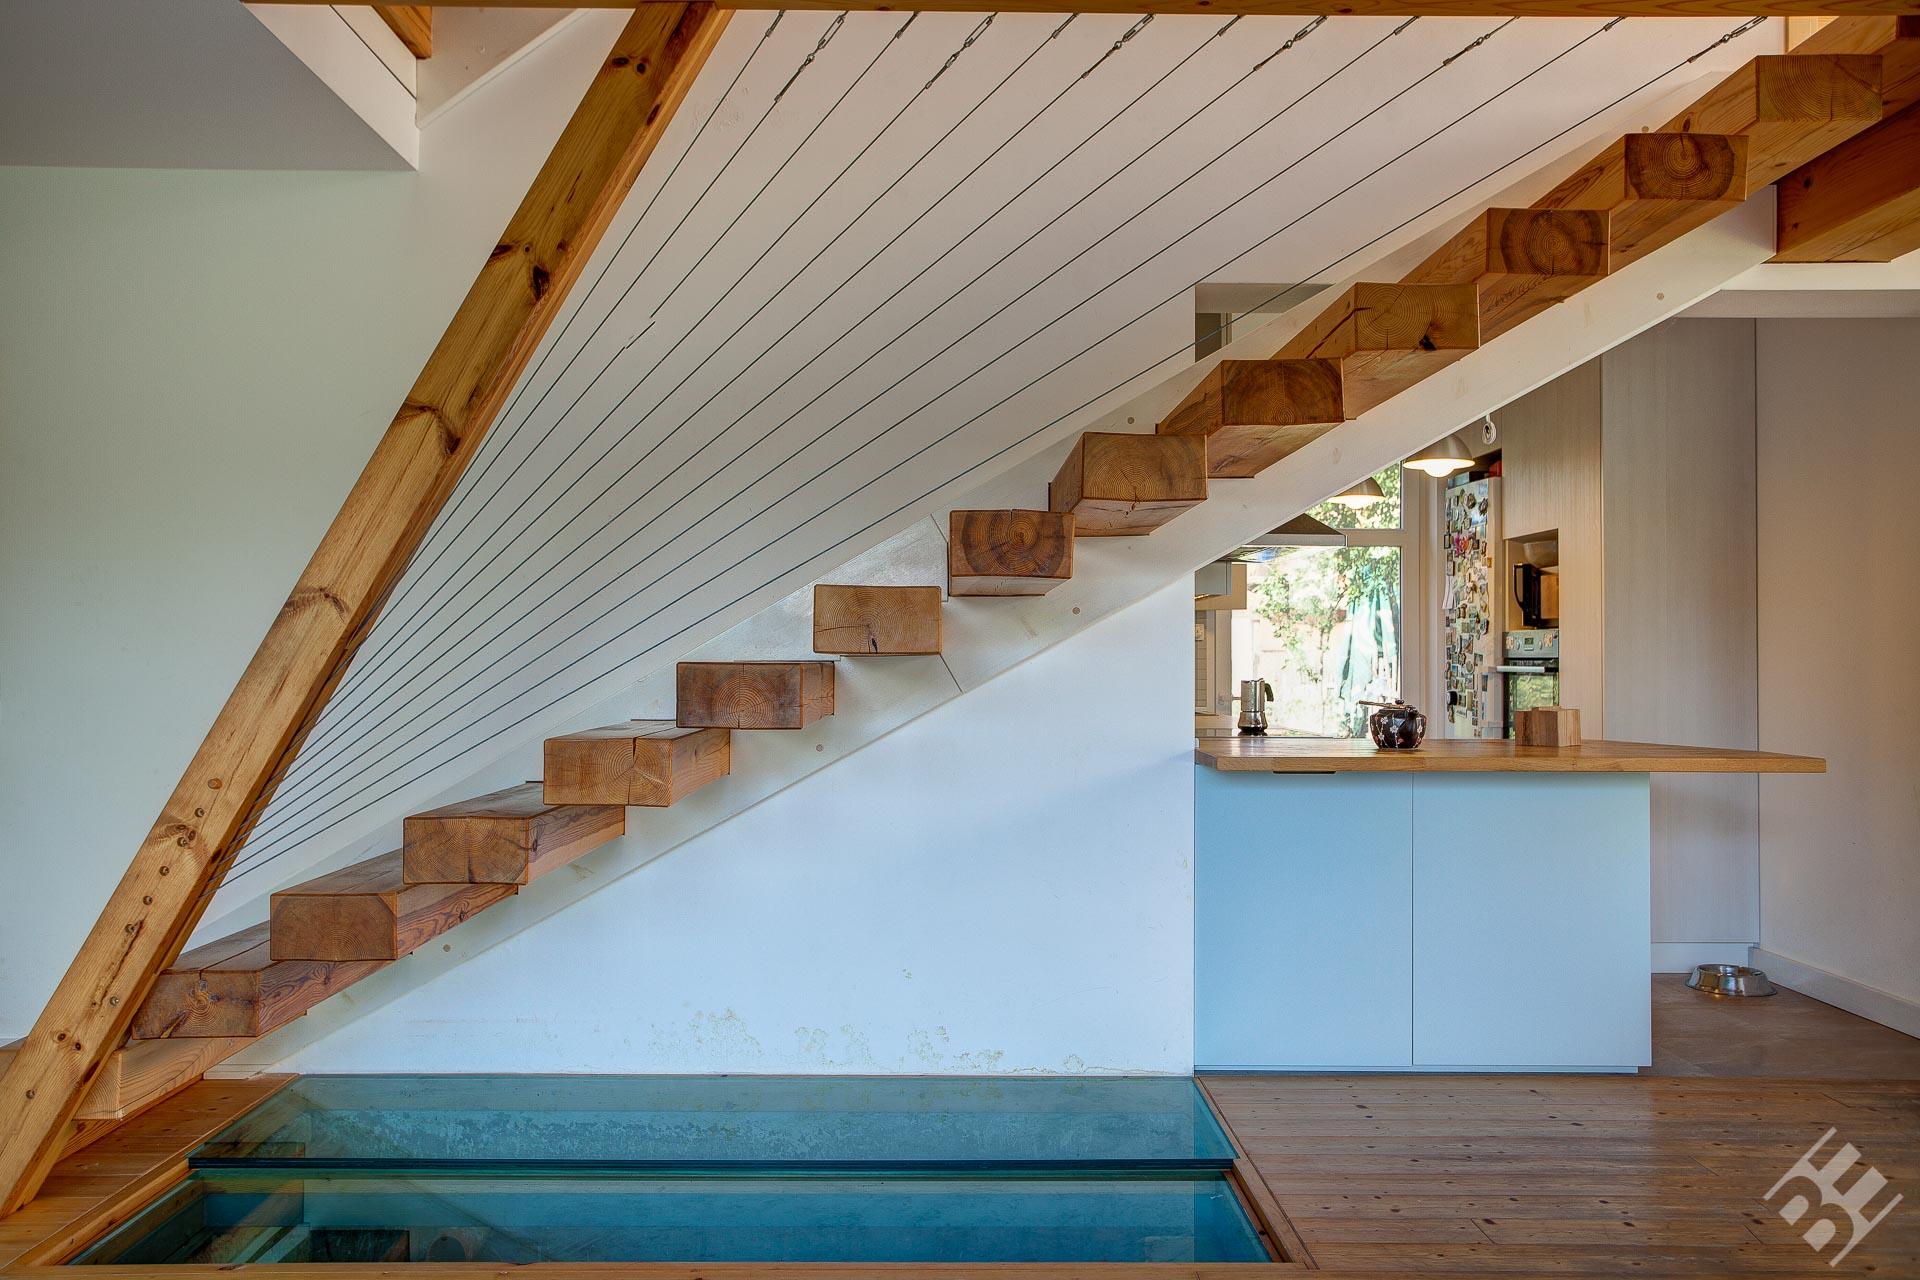 Interior_05_IMG_5957r_Volen_Evtimov